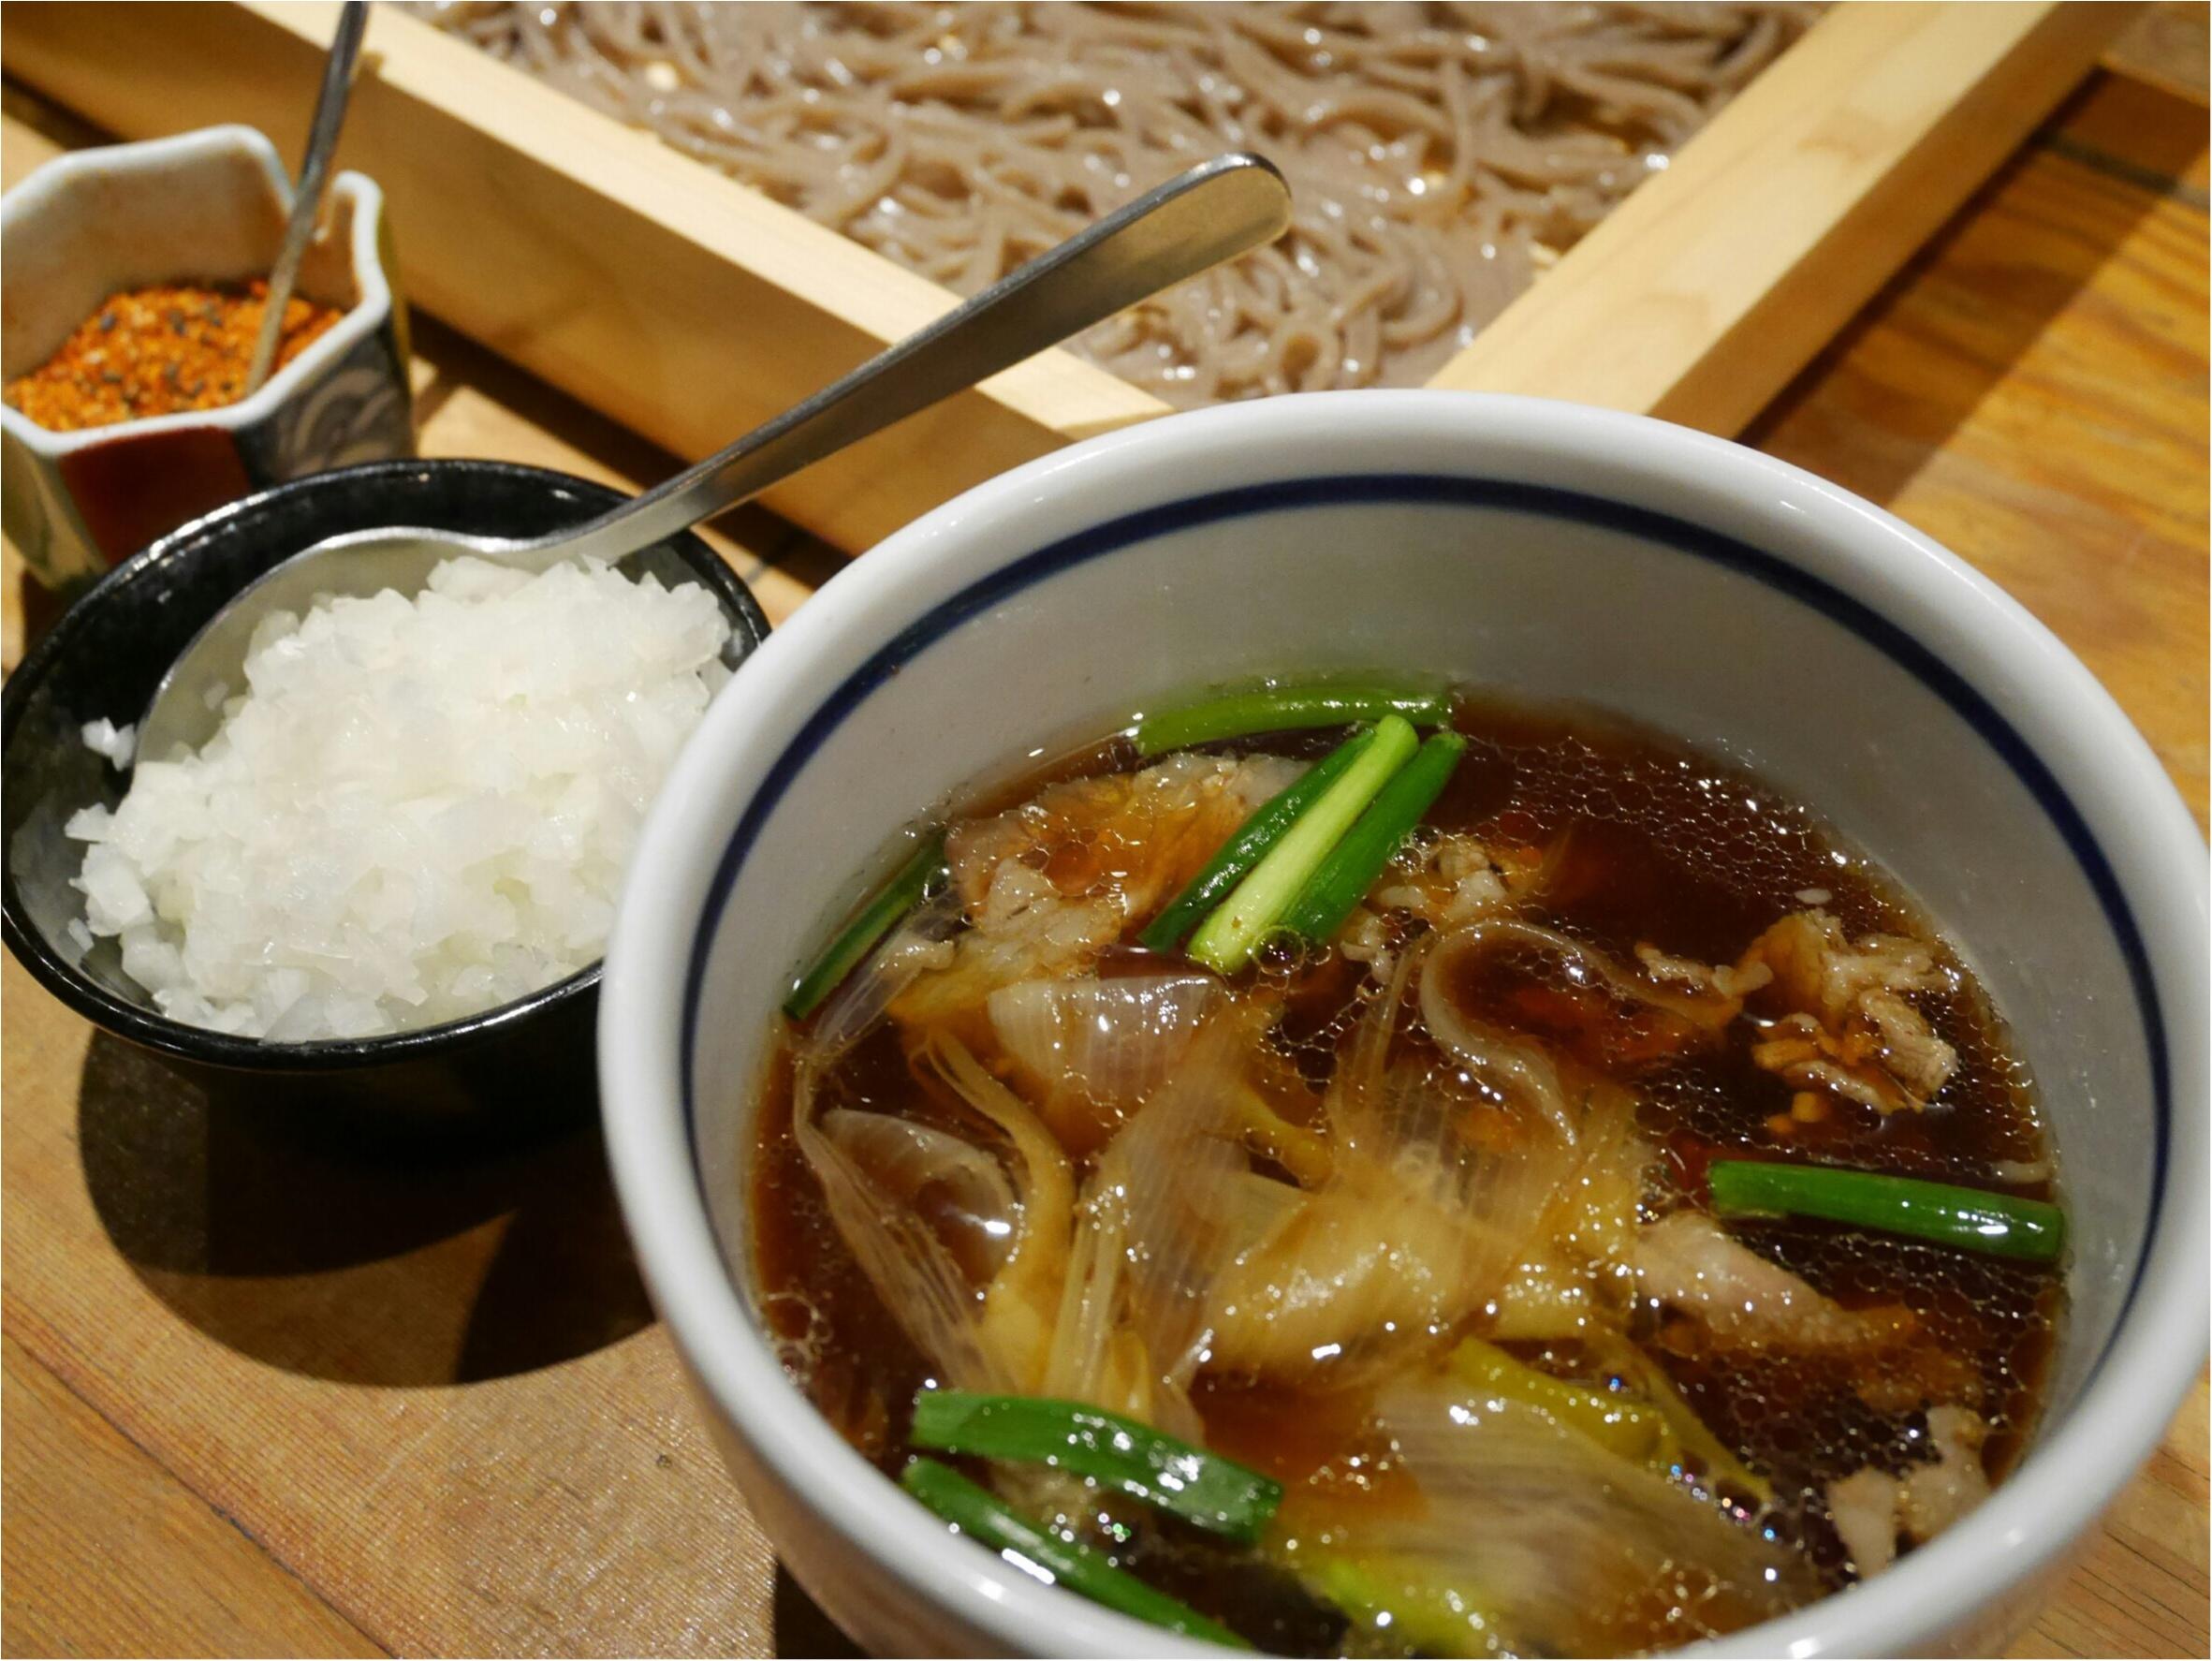 【恵比寿】そば・しゃぶしゃぶ・日本酒を楽しむなら『まにん』✨黒豚つけ麺そばが絶品〜♡_8_2